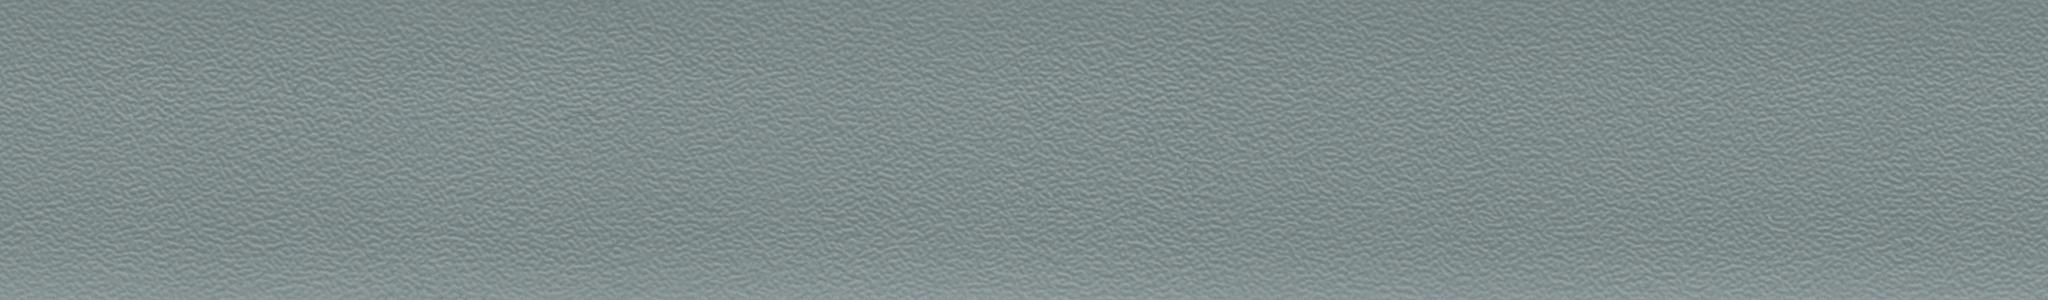 HU 17012 кромка ABS серая темная жемчуг 101